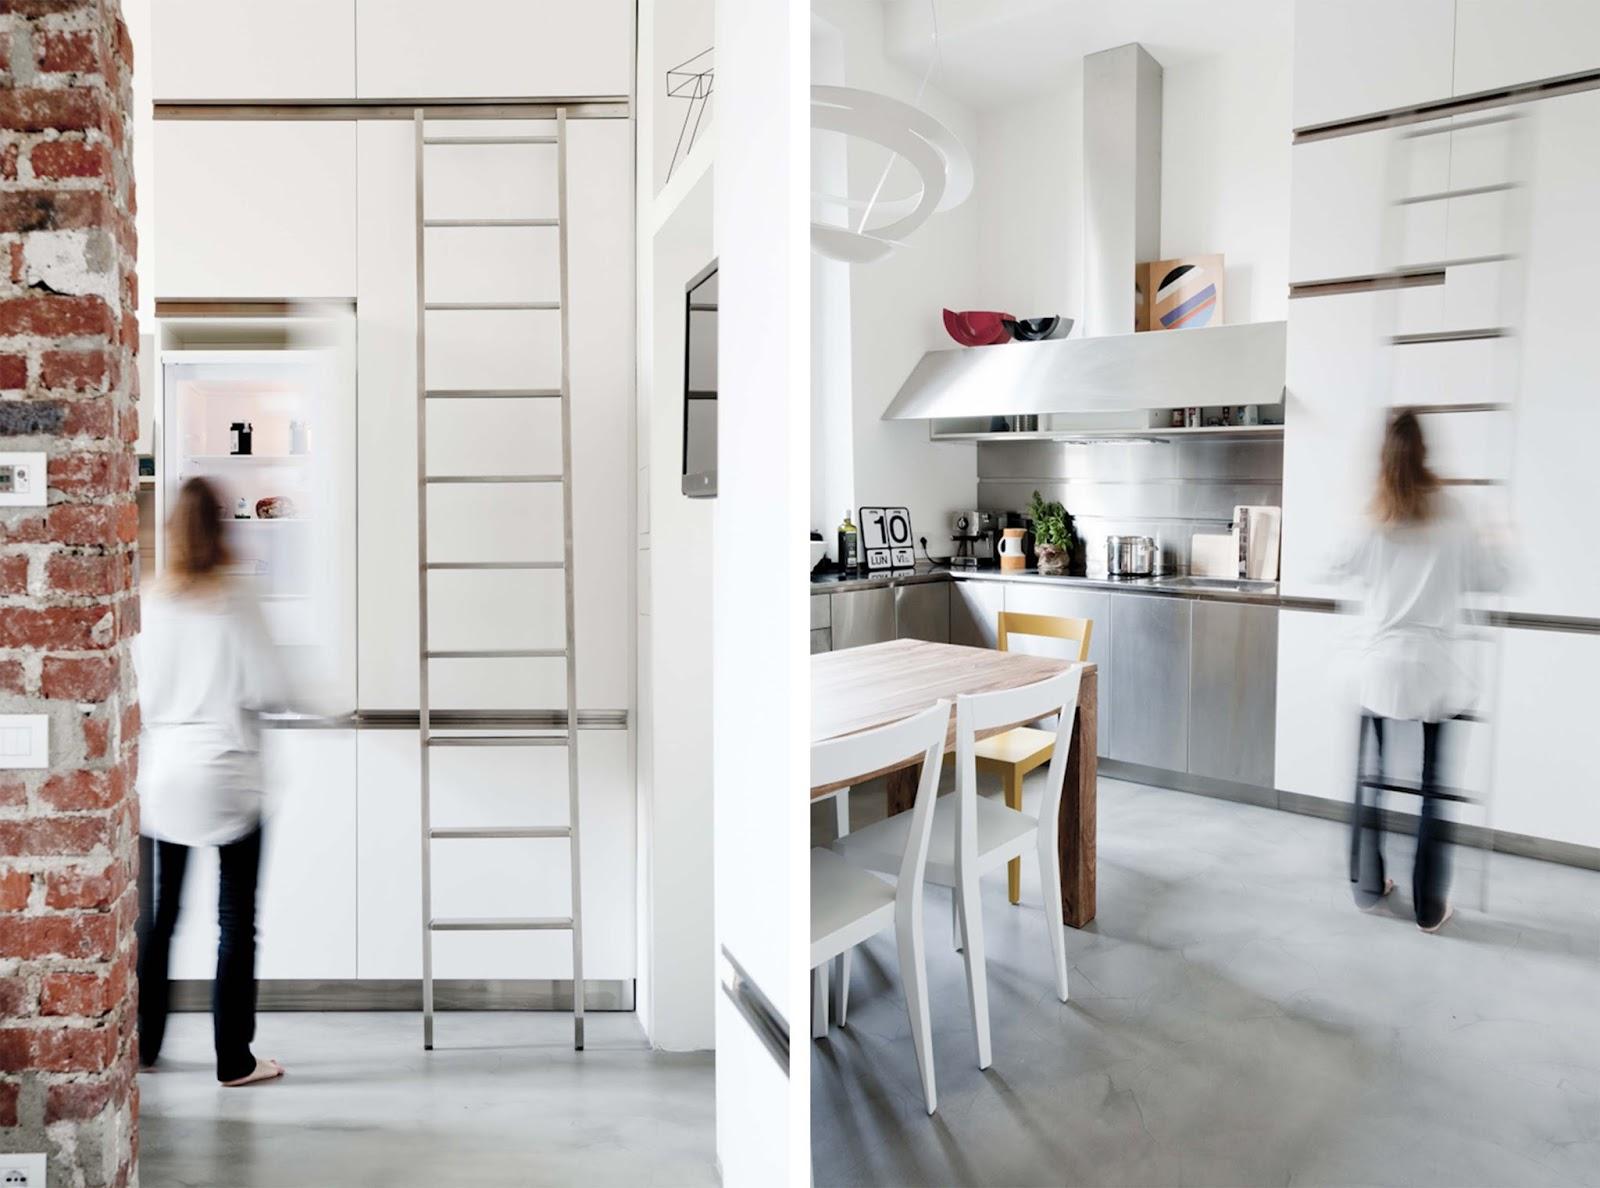 Arredamento monolocale 30 mq soggiorno cucina open space - Cucina con soppalco ...